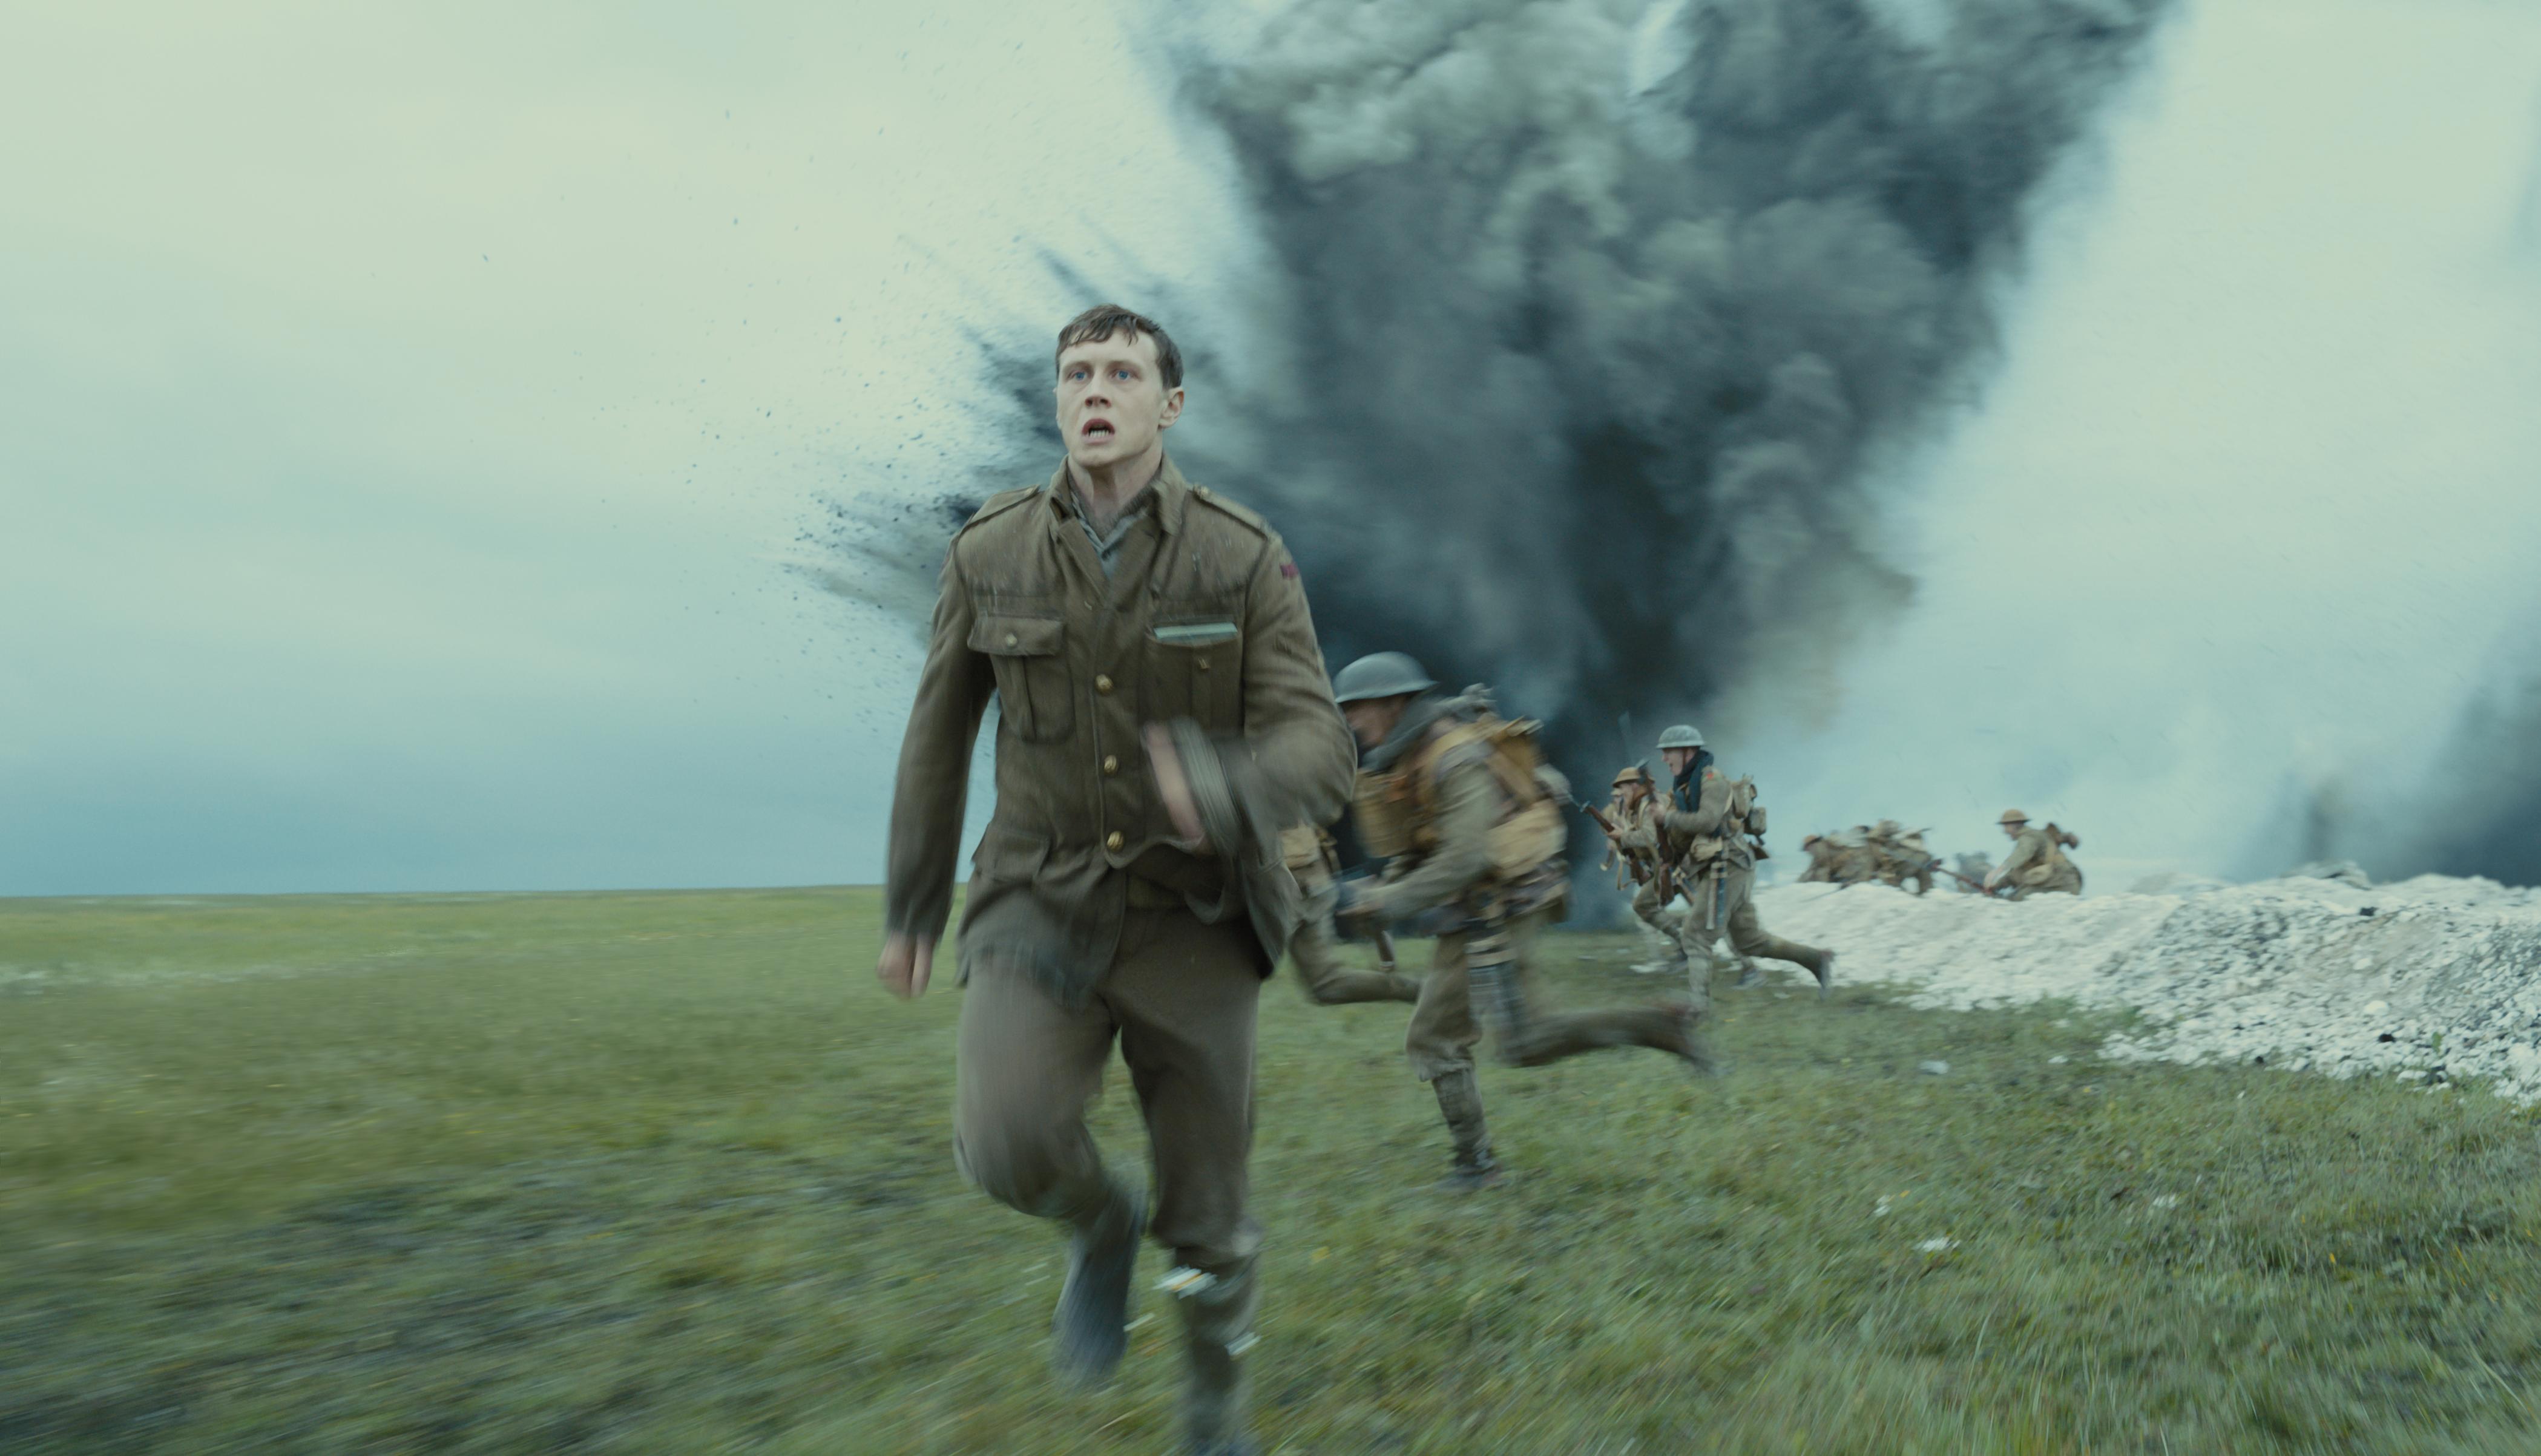 Schofield läuft während eines Angriffs am Schützengraben entlang.